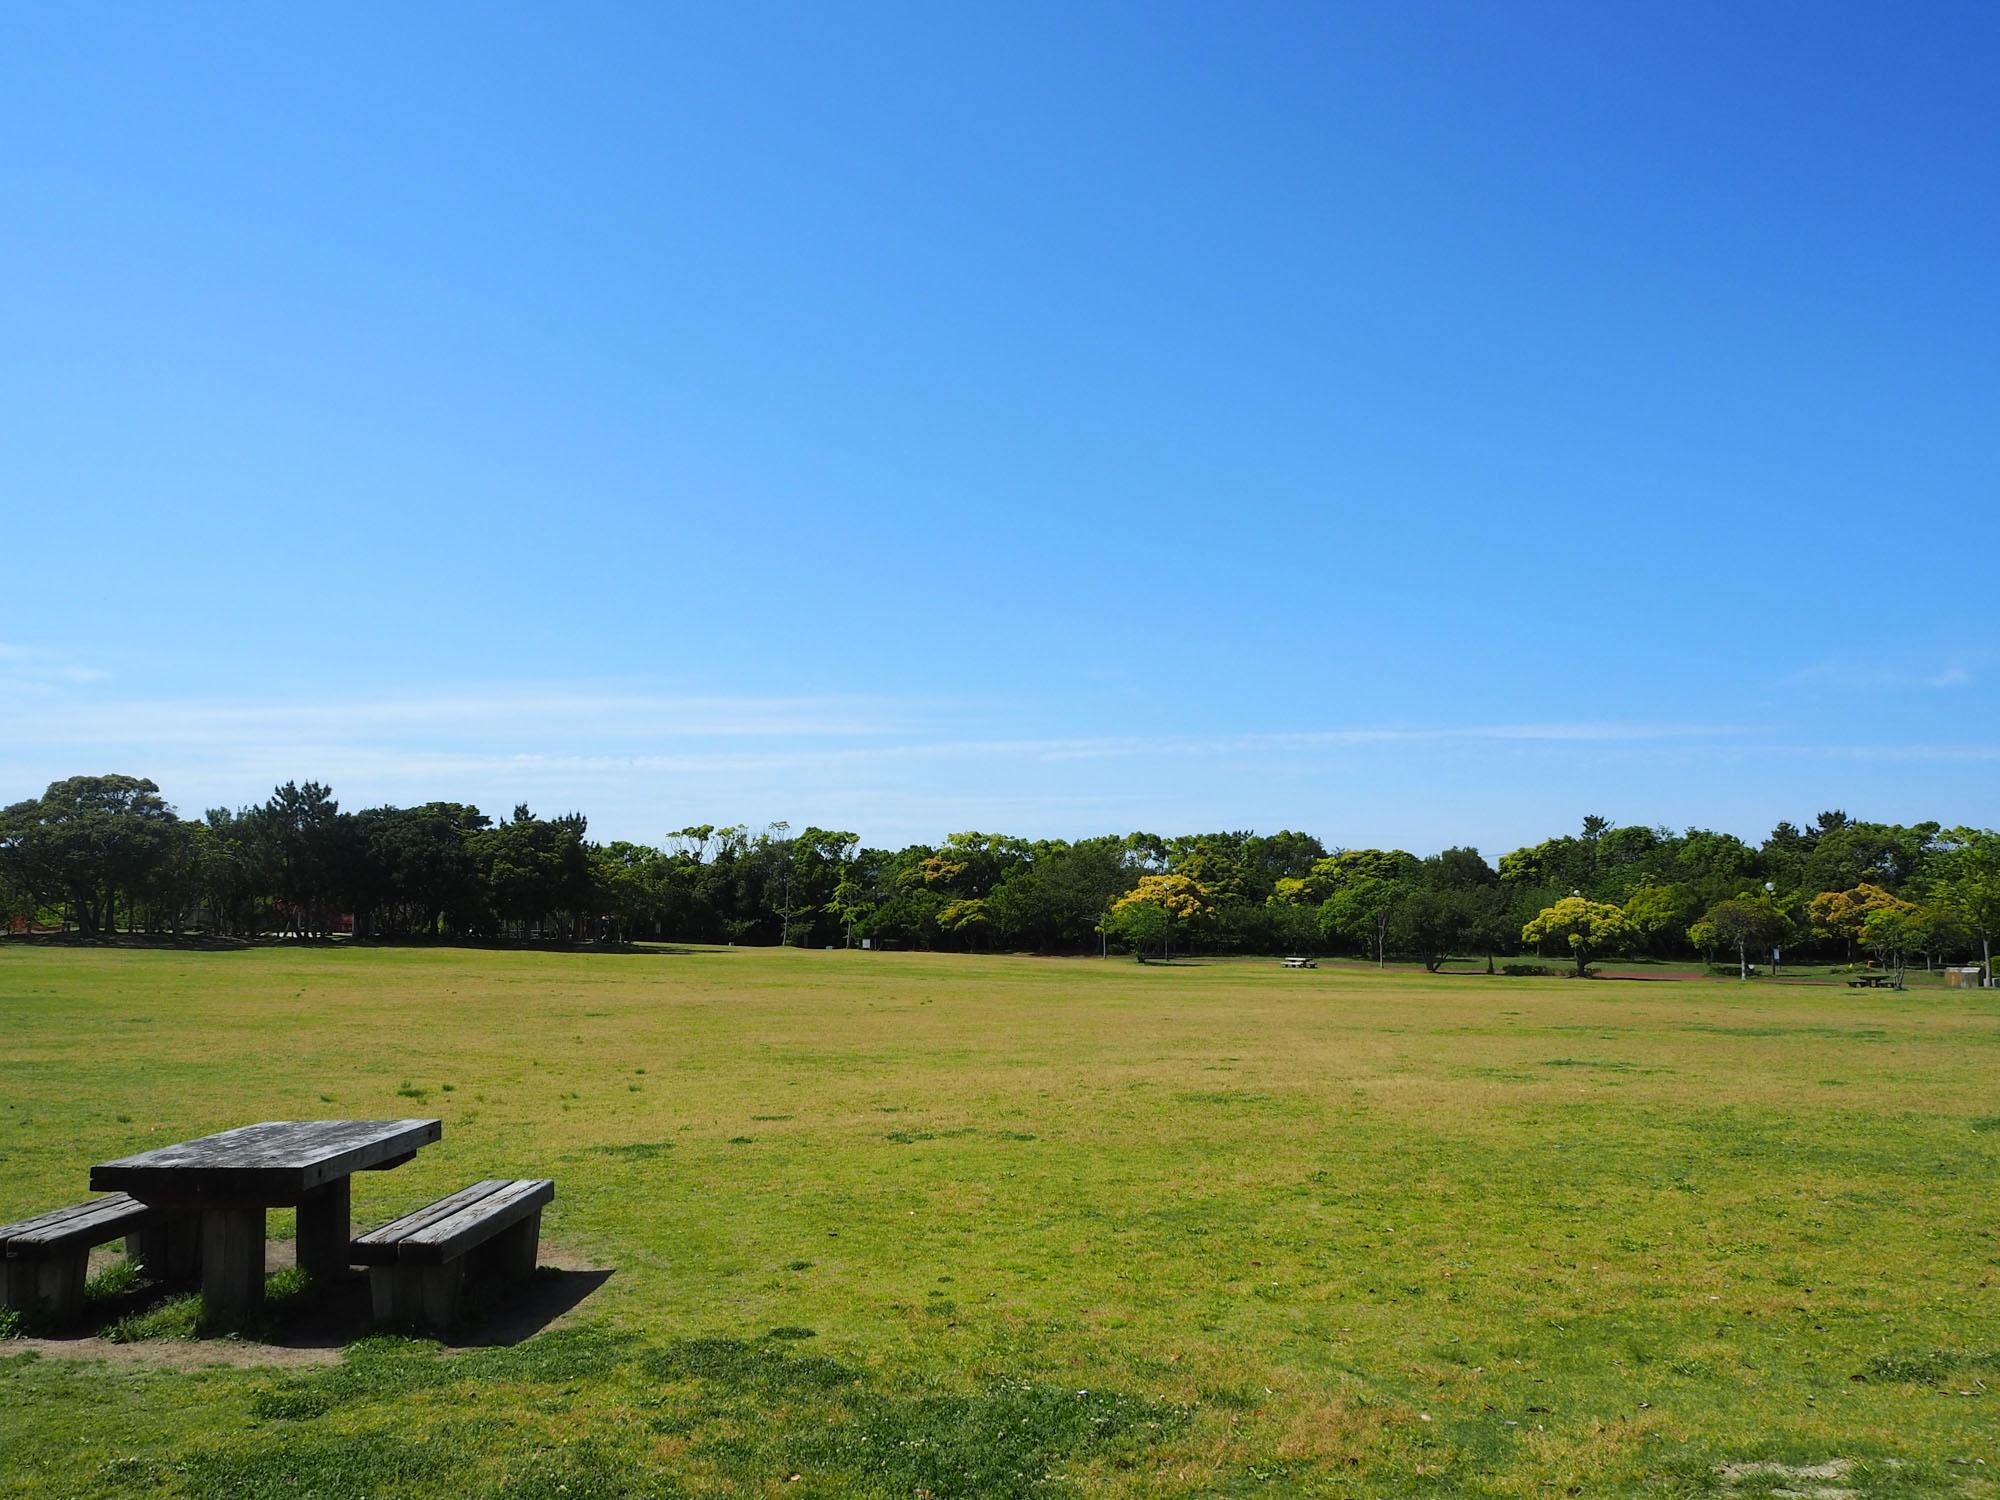 「今津運動公園」では、芝生広場で青空を見ながらのんびり。